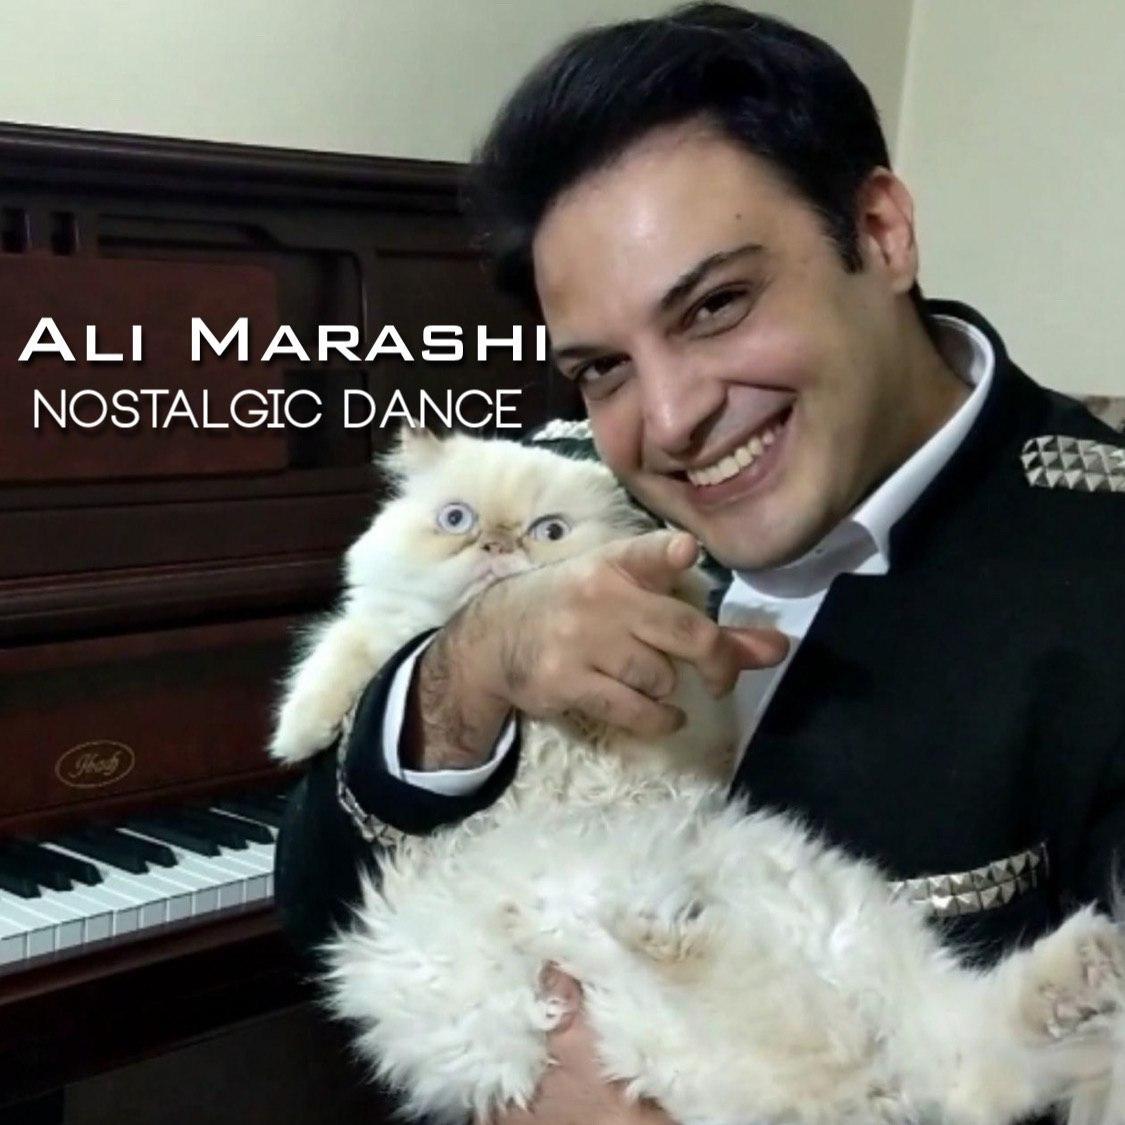 Ali Marashi – Nostalgic Dance